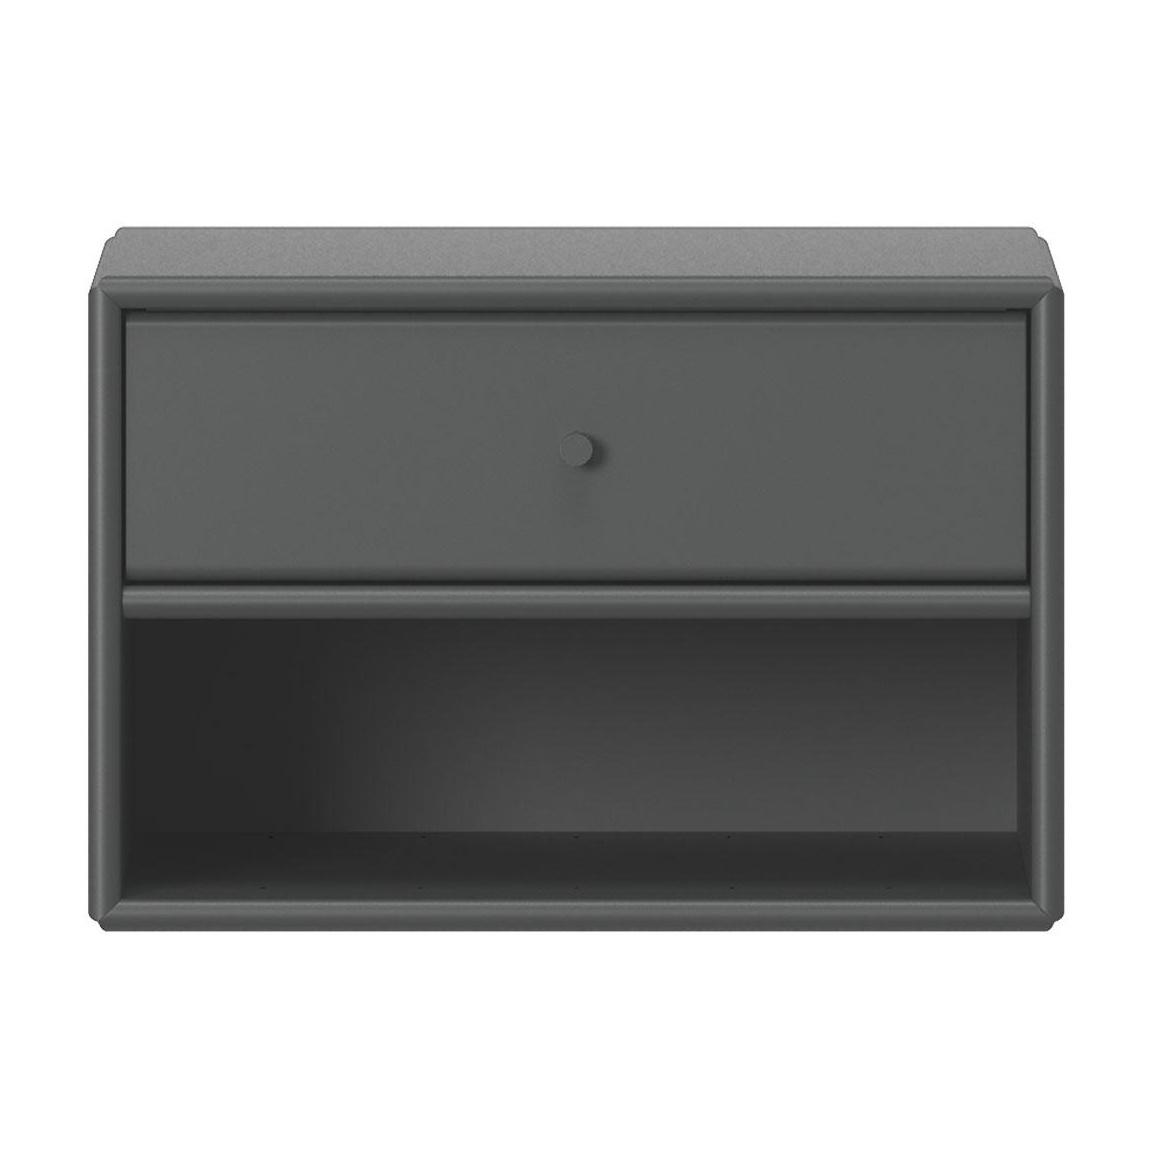 Montana - Dash Nachttisch - anthracite 04/lackiert/BxHxT 35|4x24x30cm | Schlafzimmer > Nachttische | Anthracite 04 | Mdf platte | Montana